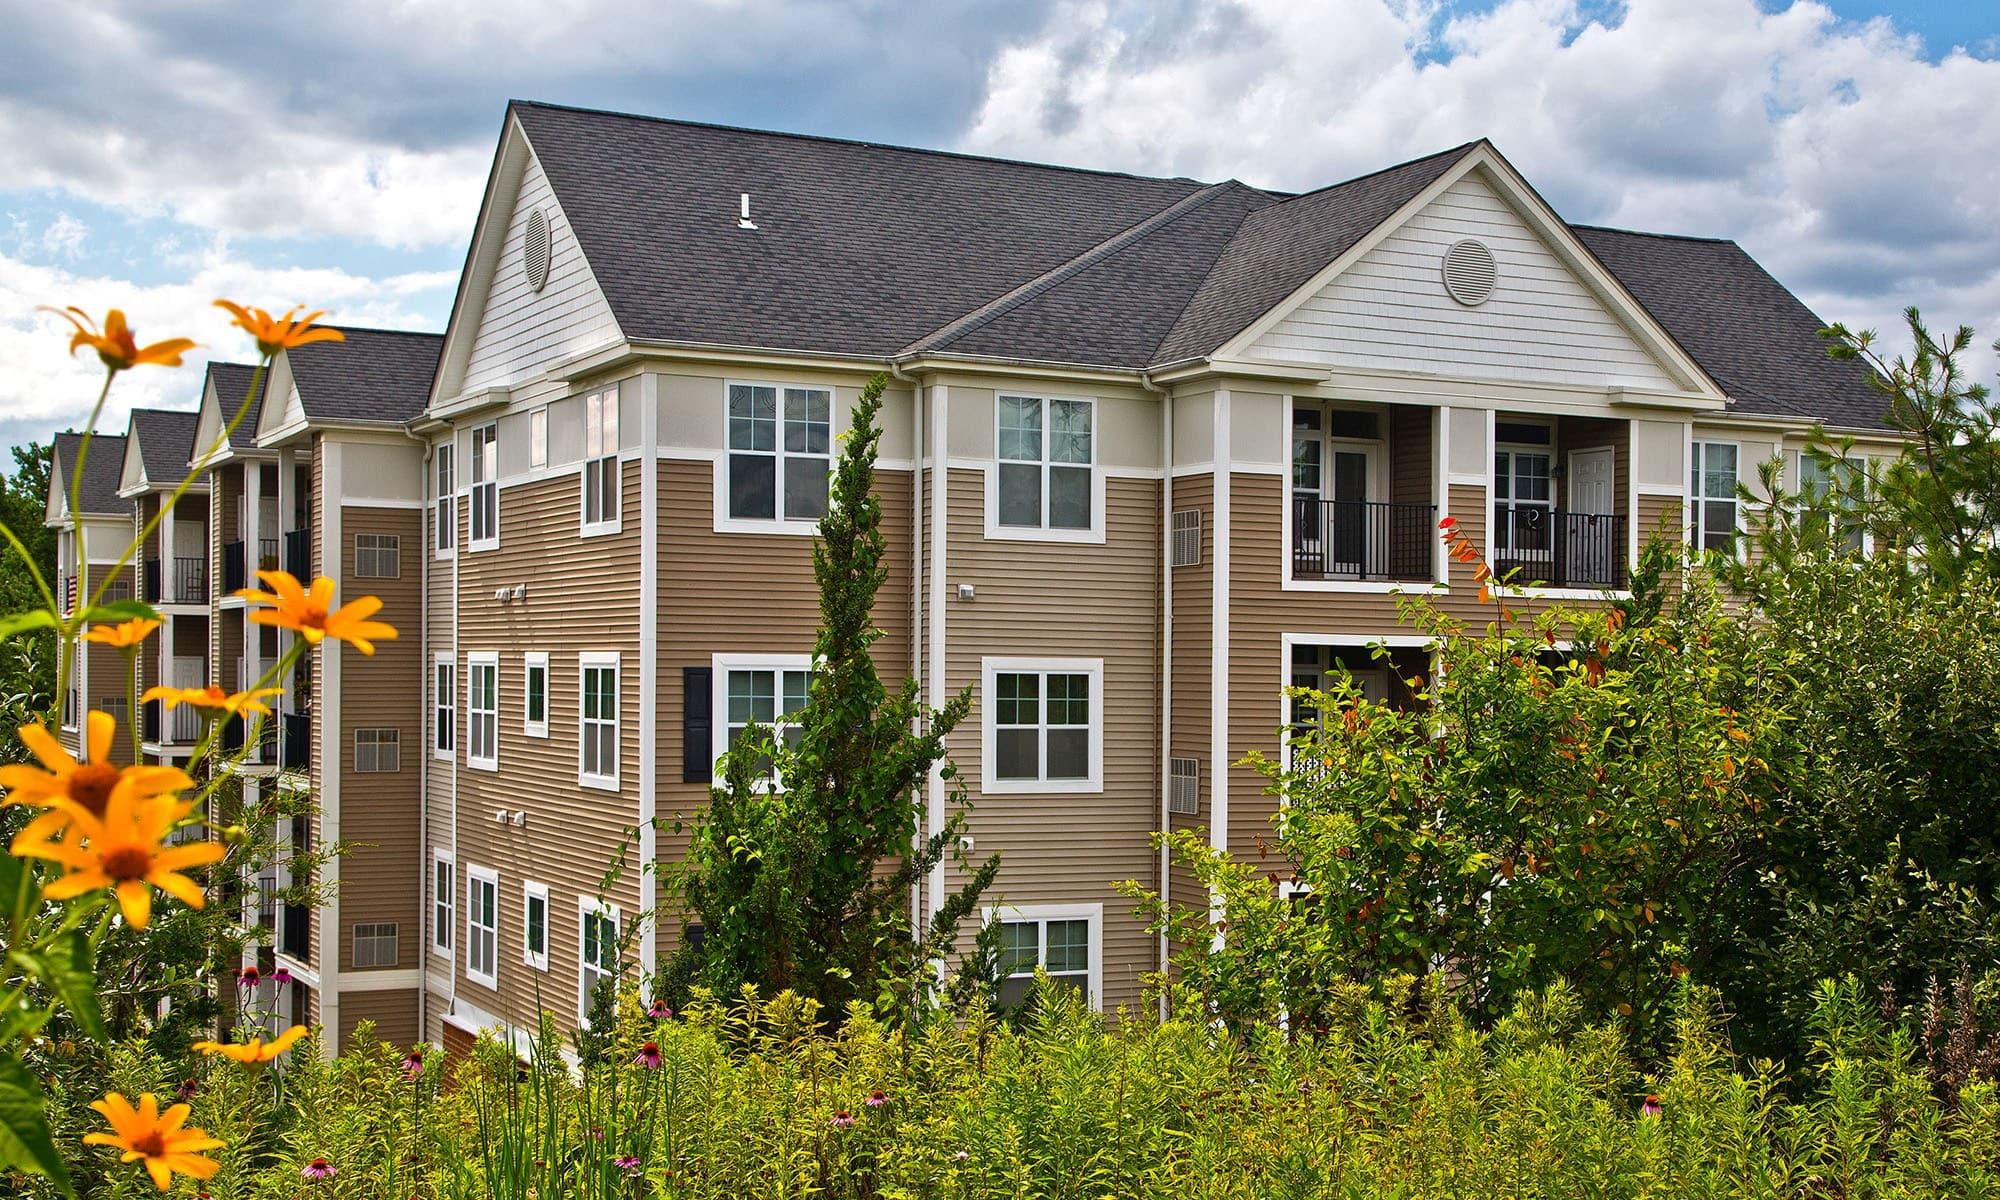 Apartments in Meriden, CT